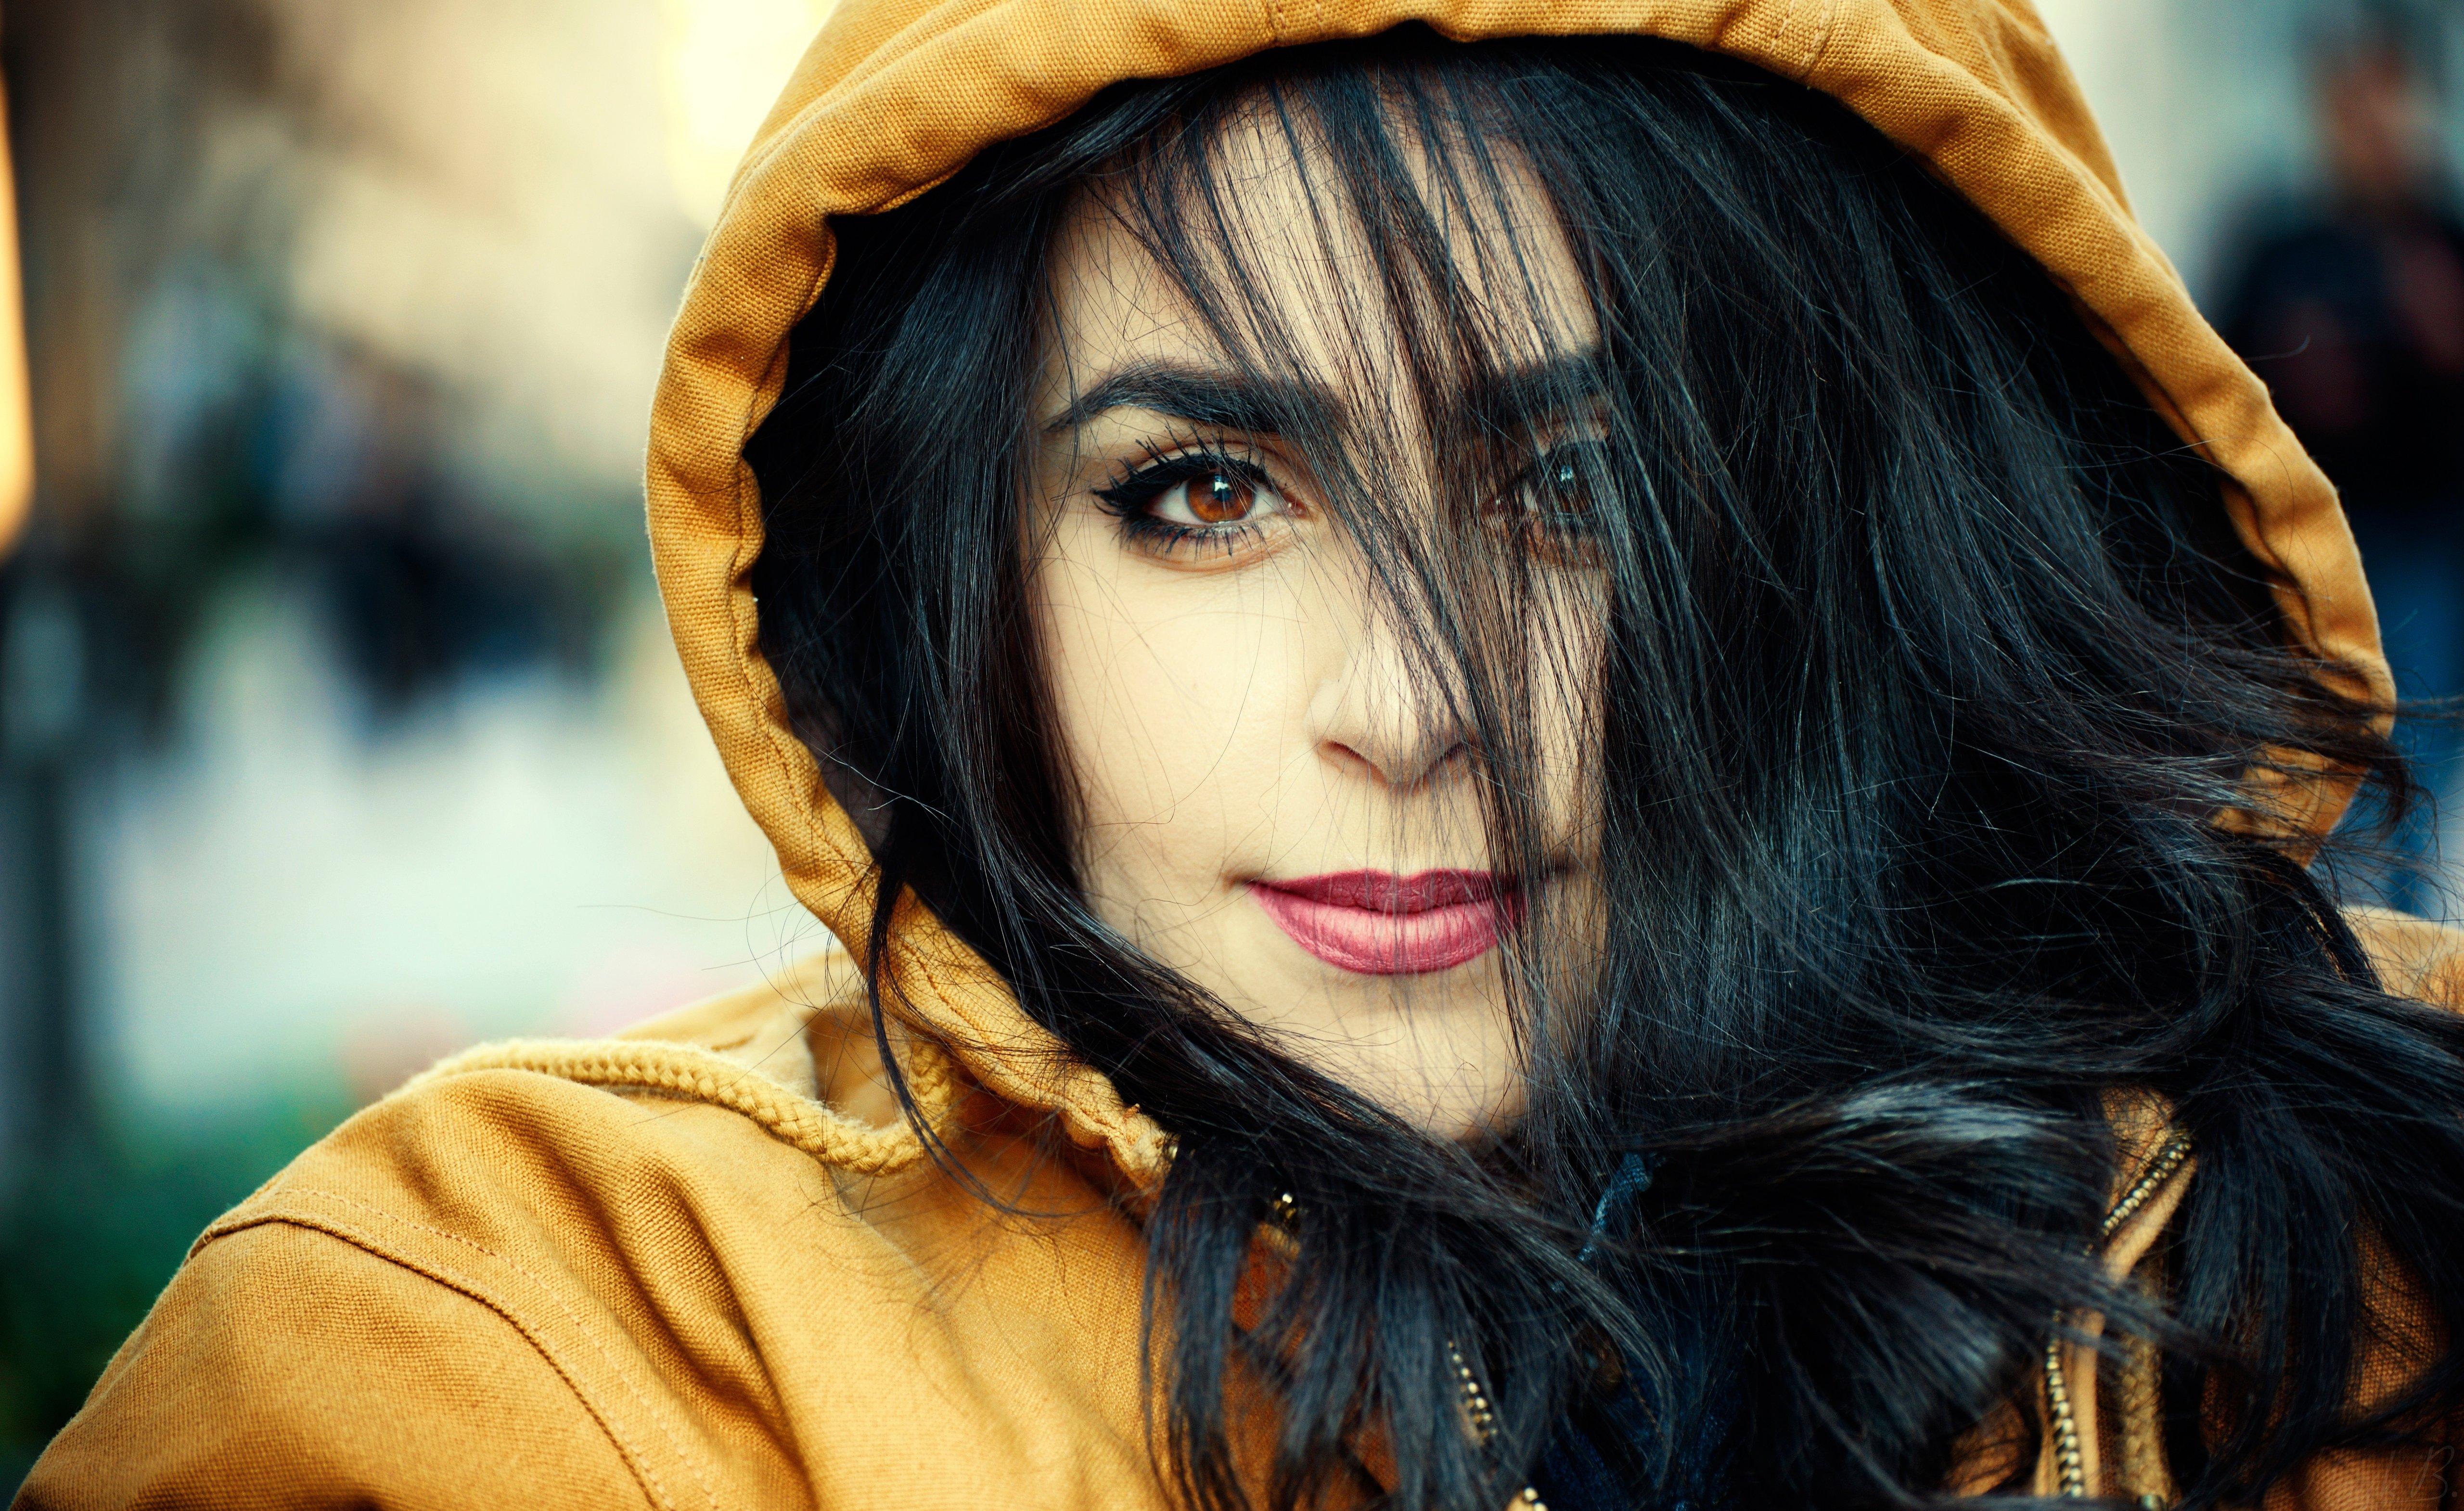 Armenia Ann Images